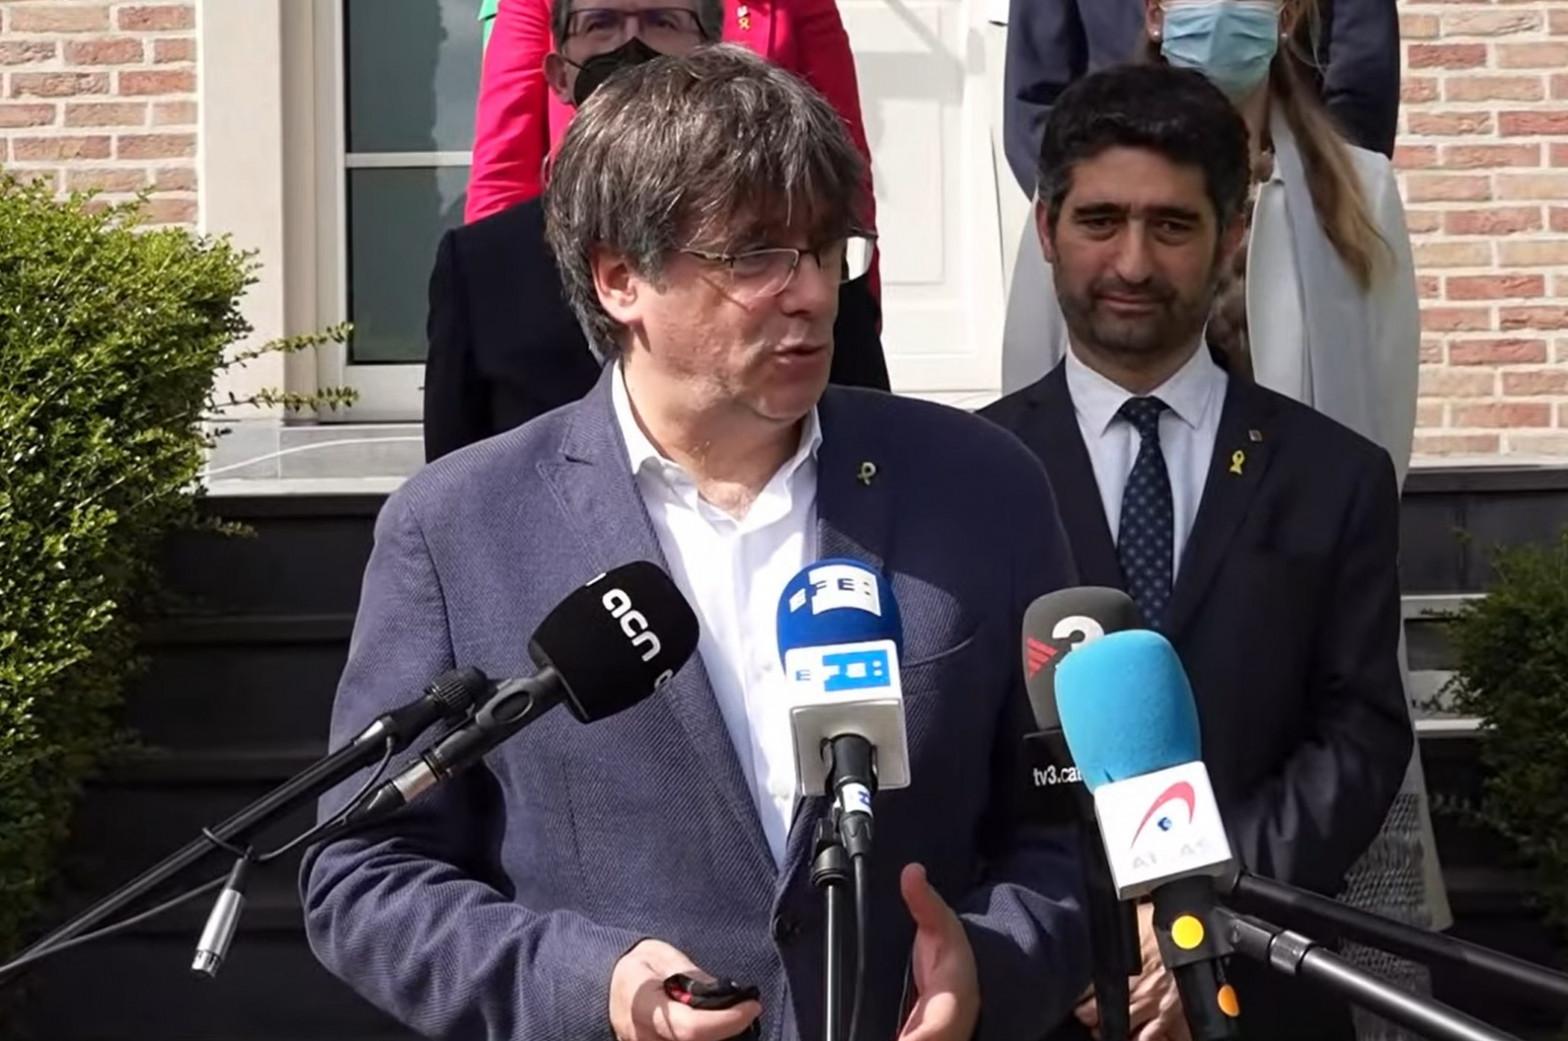 El Tribunal de Cuentas reclama 1,9 millones a Carles Puigdemont y a Oriol Junqueras